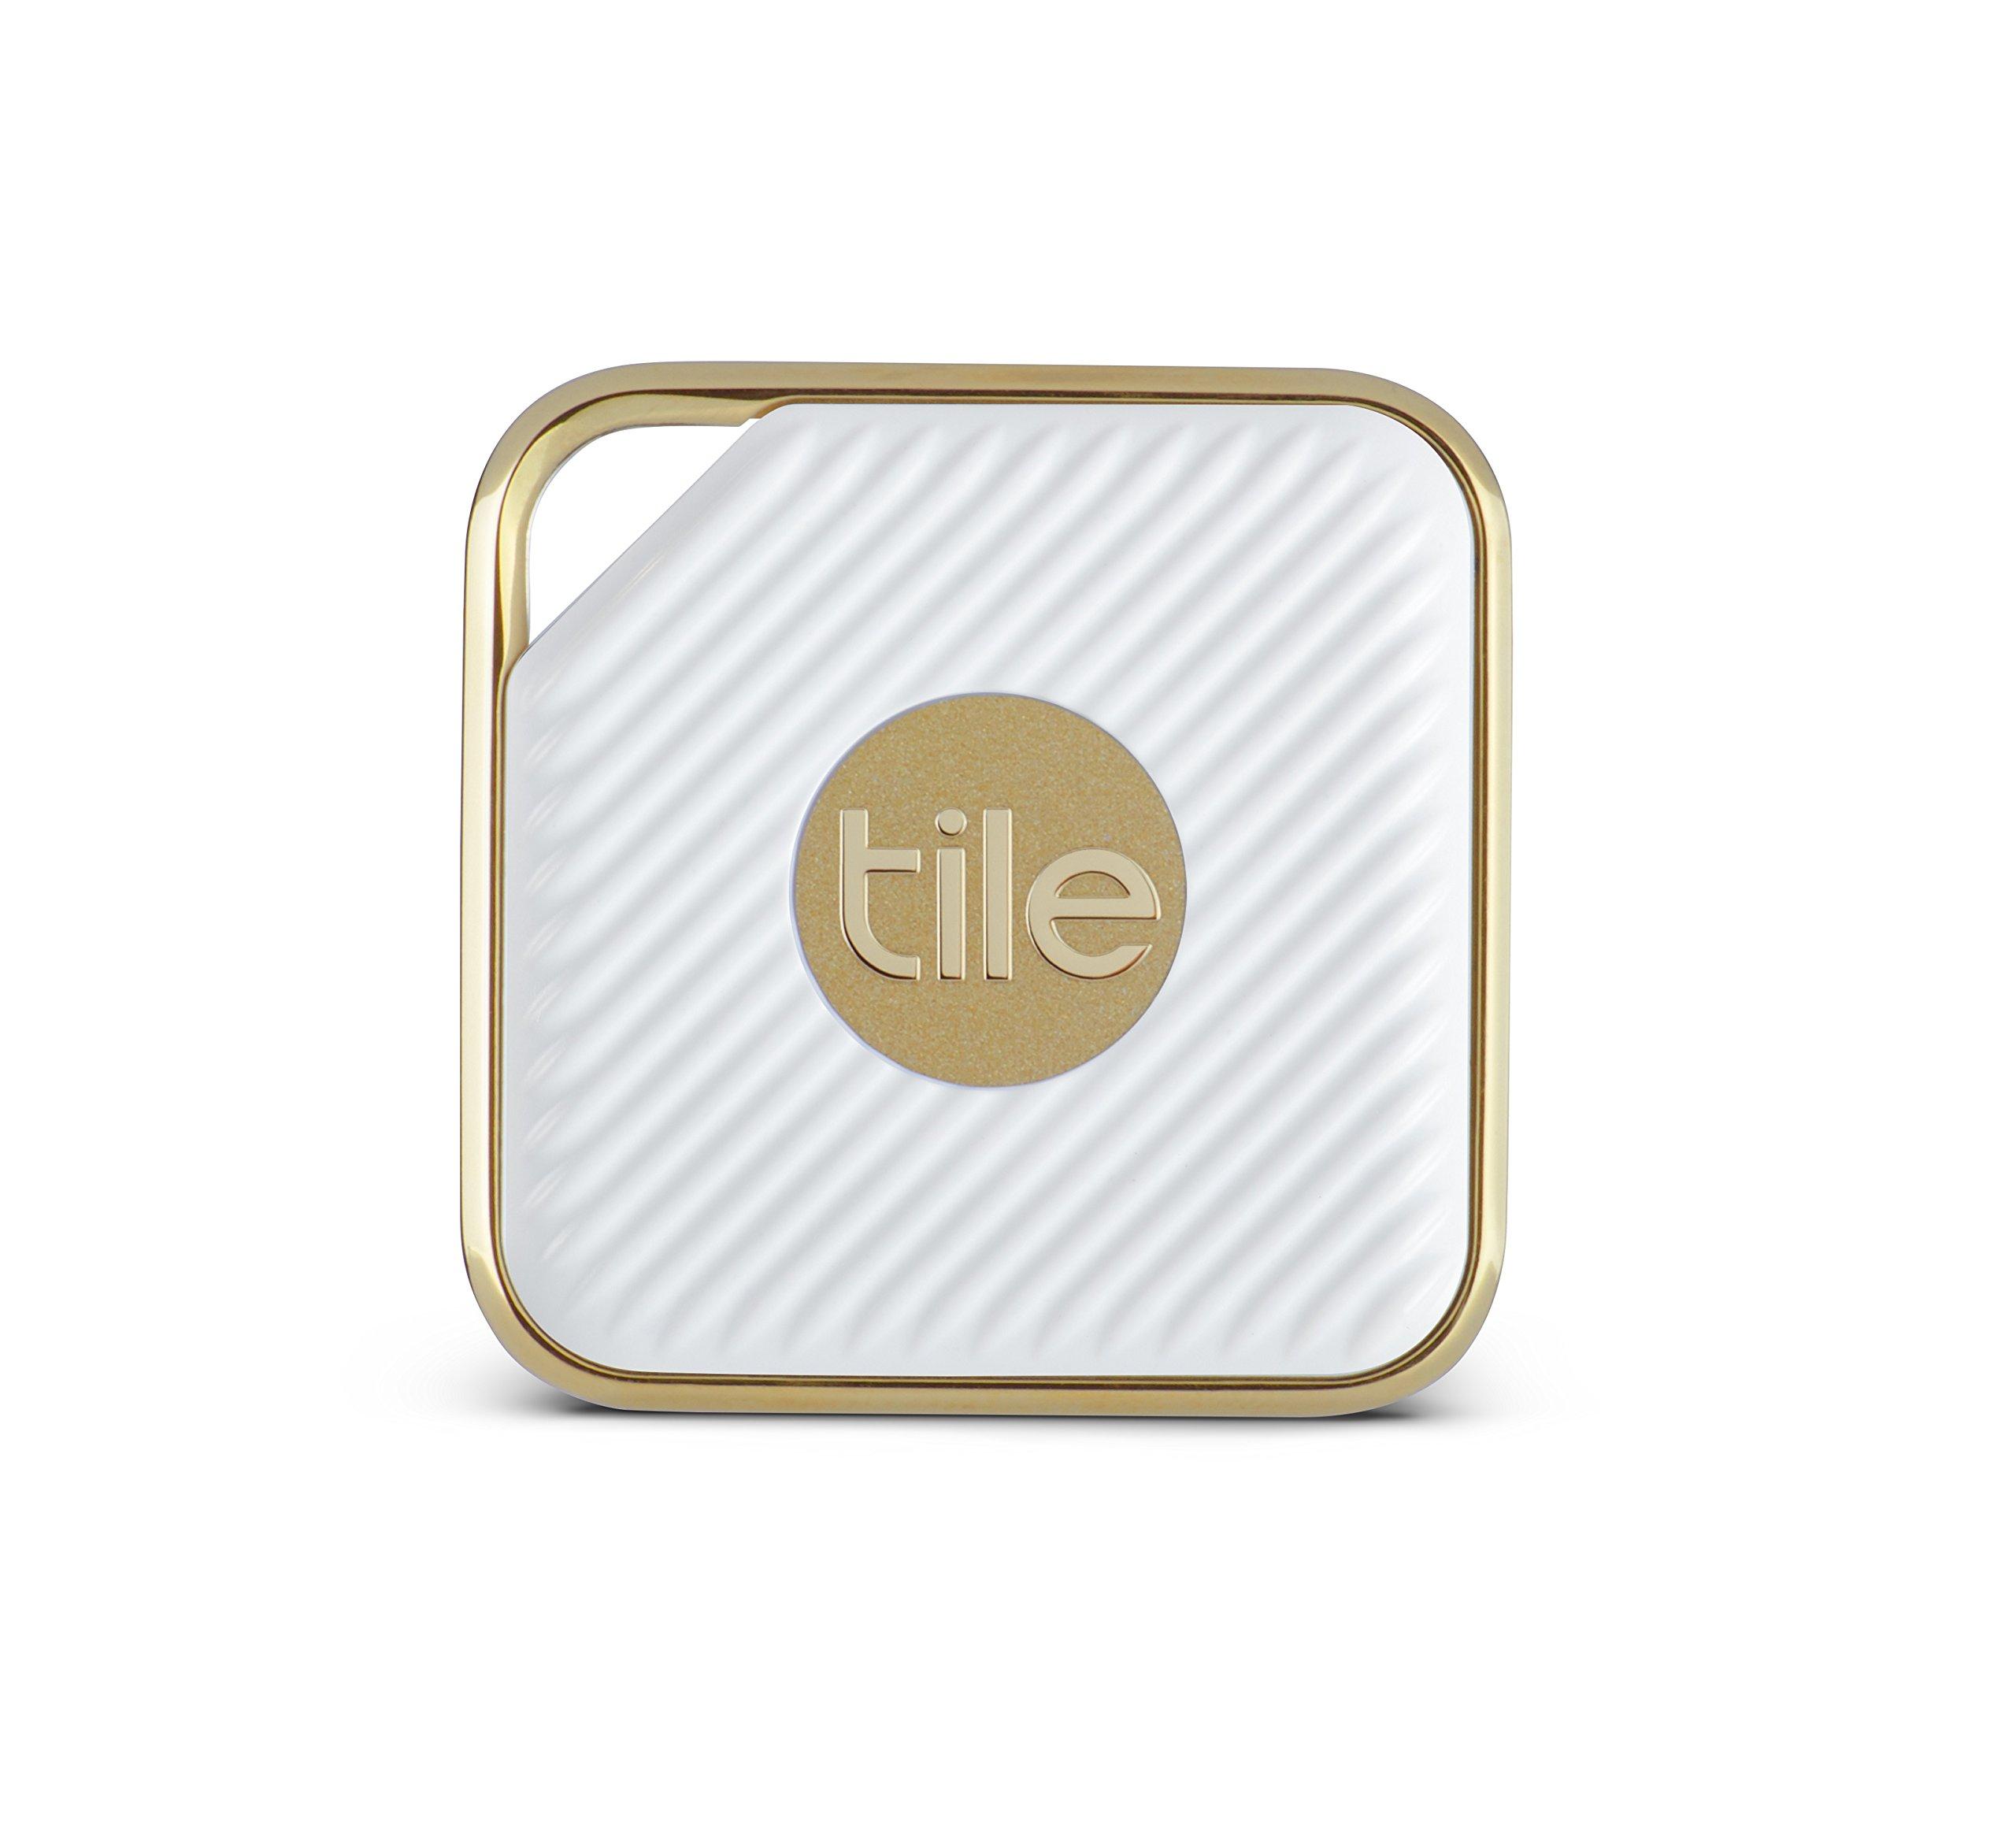 Tile Style - Key Finder. Phone Finder. Anything Finder (Gold) - 2 Pack by Tile